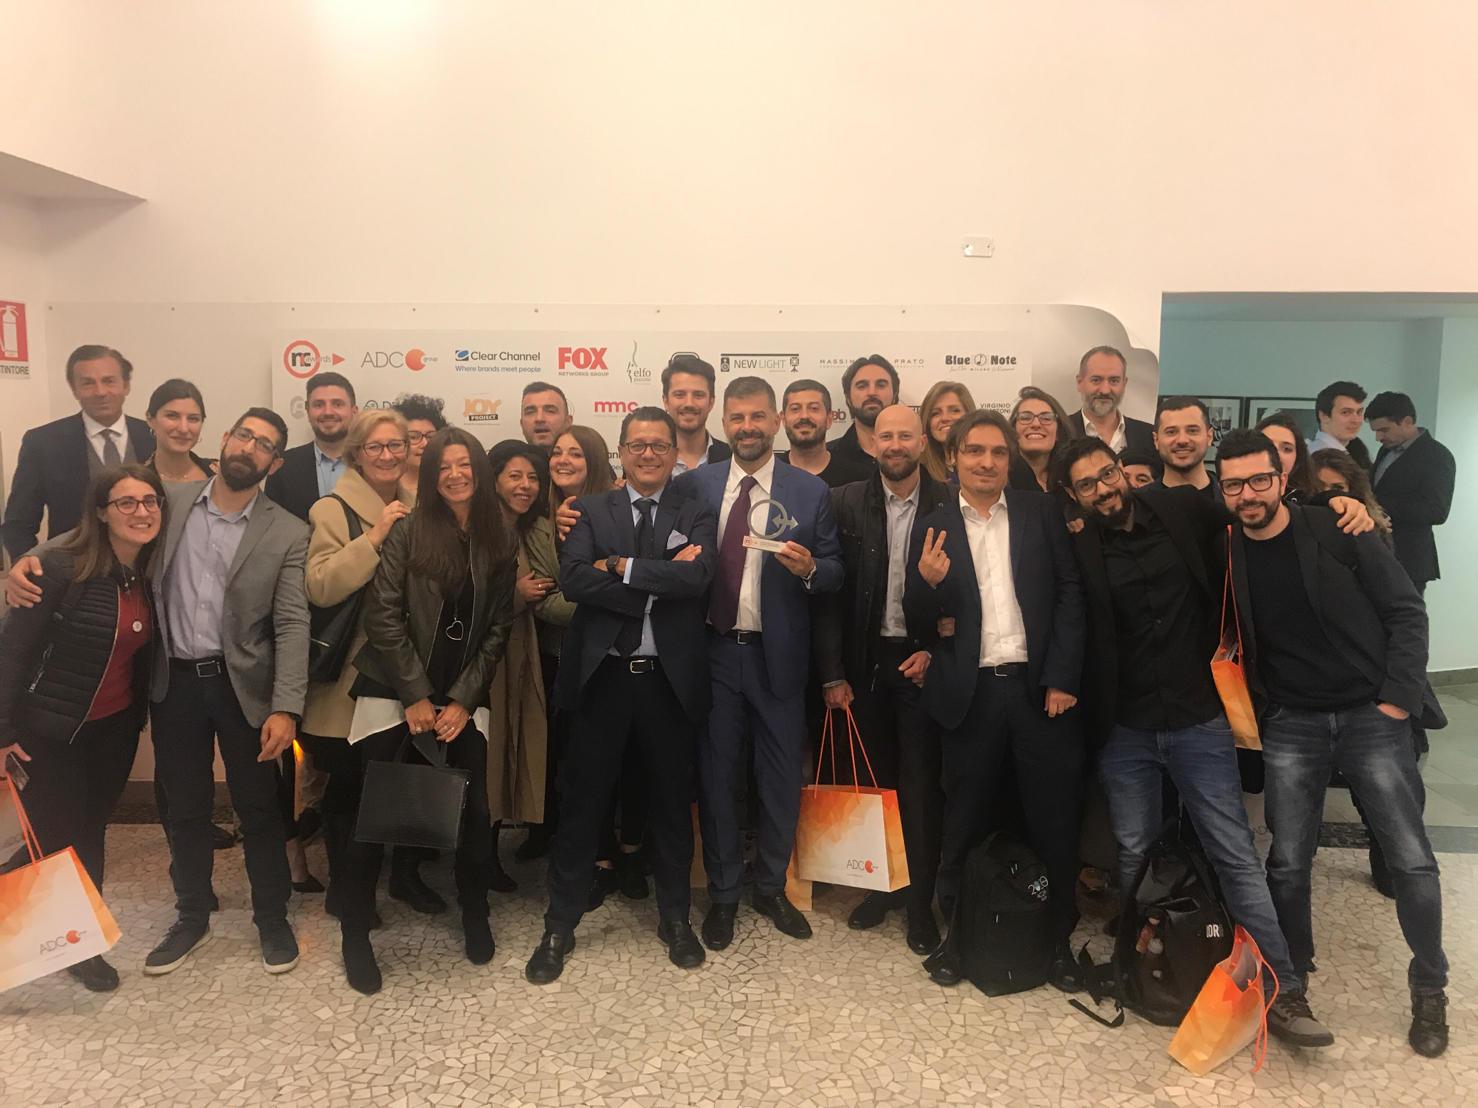 Acqua Group agenzia indipendente dell'anno agli NC Awards 2019